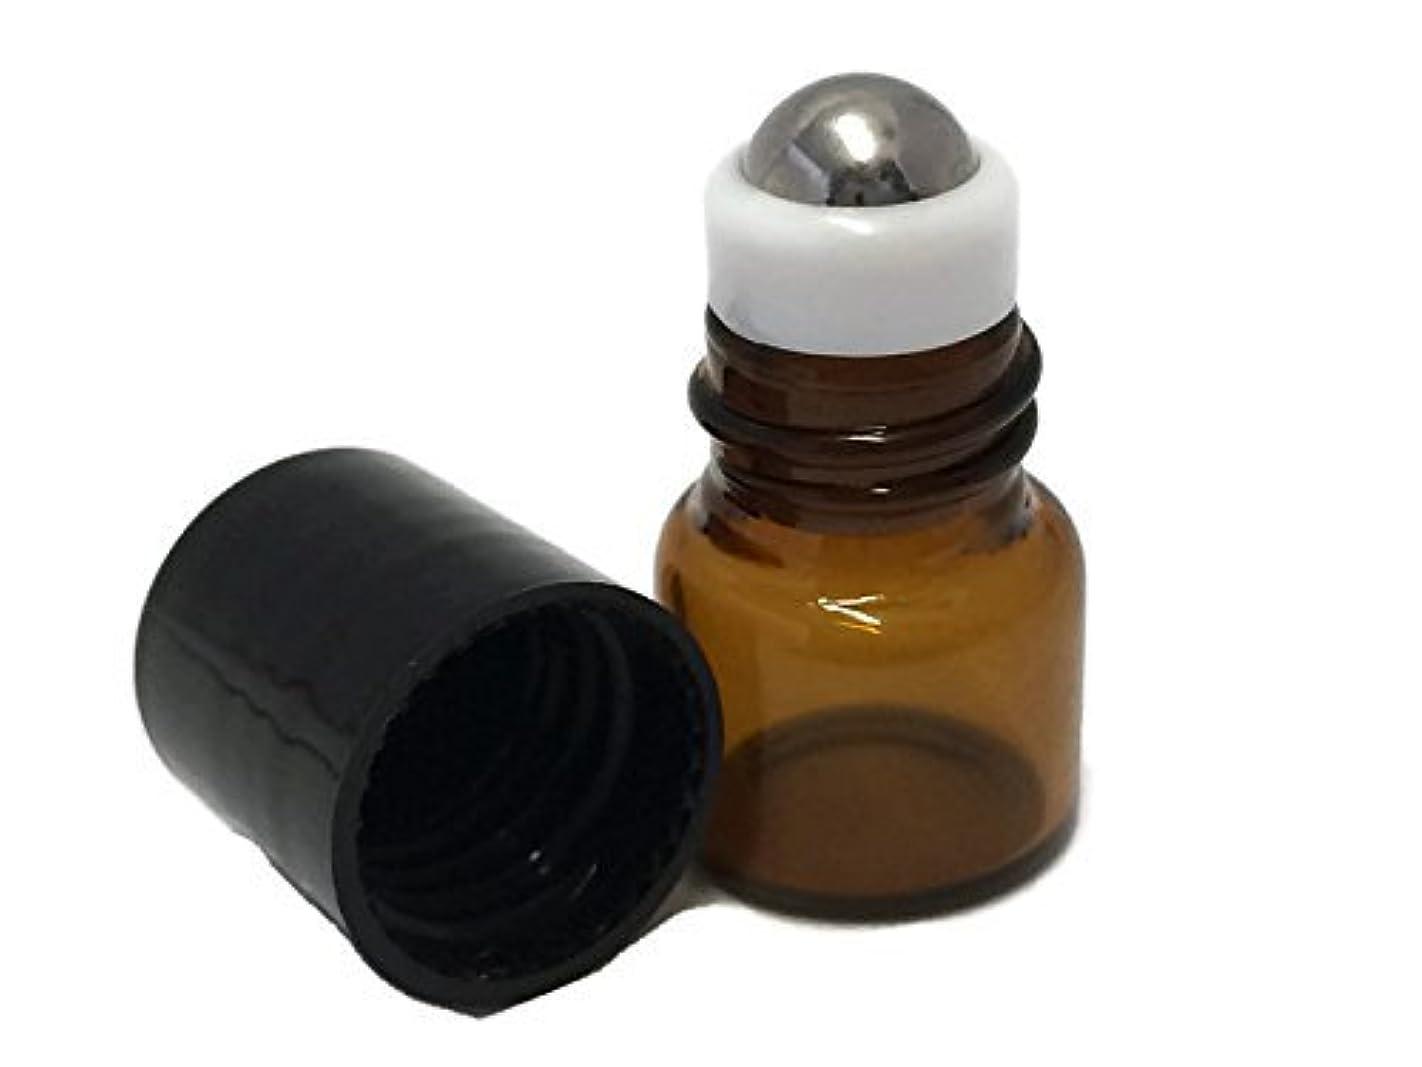 曖昧なリネン編集するUSA 144-1 ml (1/4 Dram) Amber Glass Micro Mini Roll-on Glass Bottles with Stainless Steel Roller Balls - Refillable Aromatherapy Essential Oil Roll On (144) [並行輸入品]